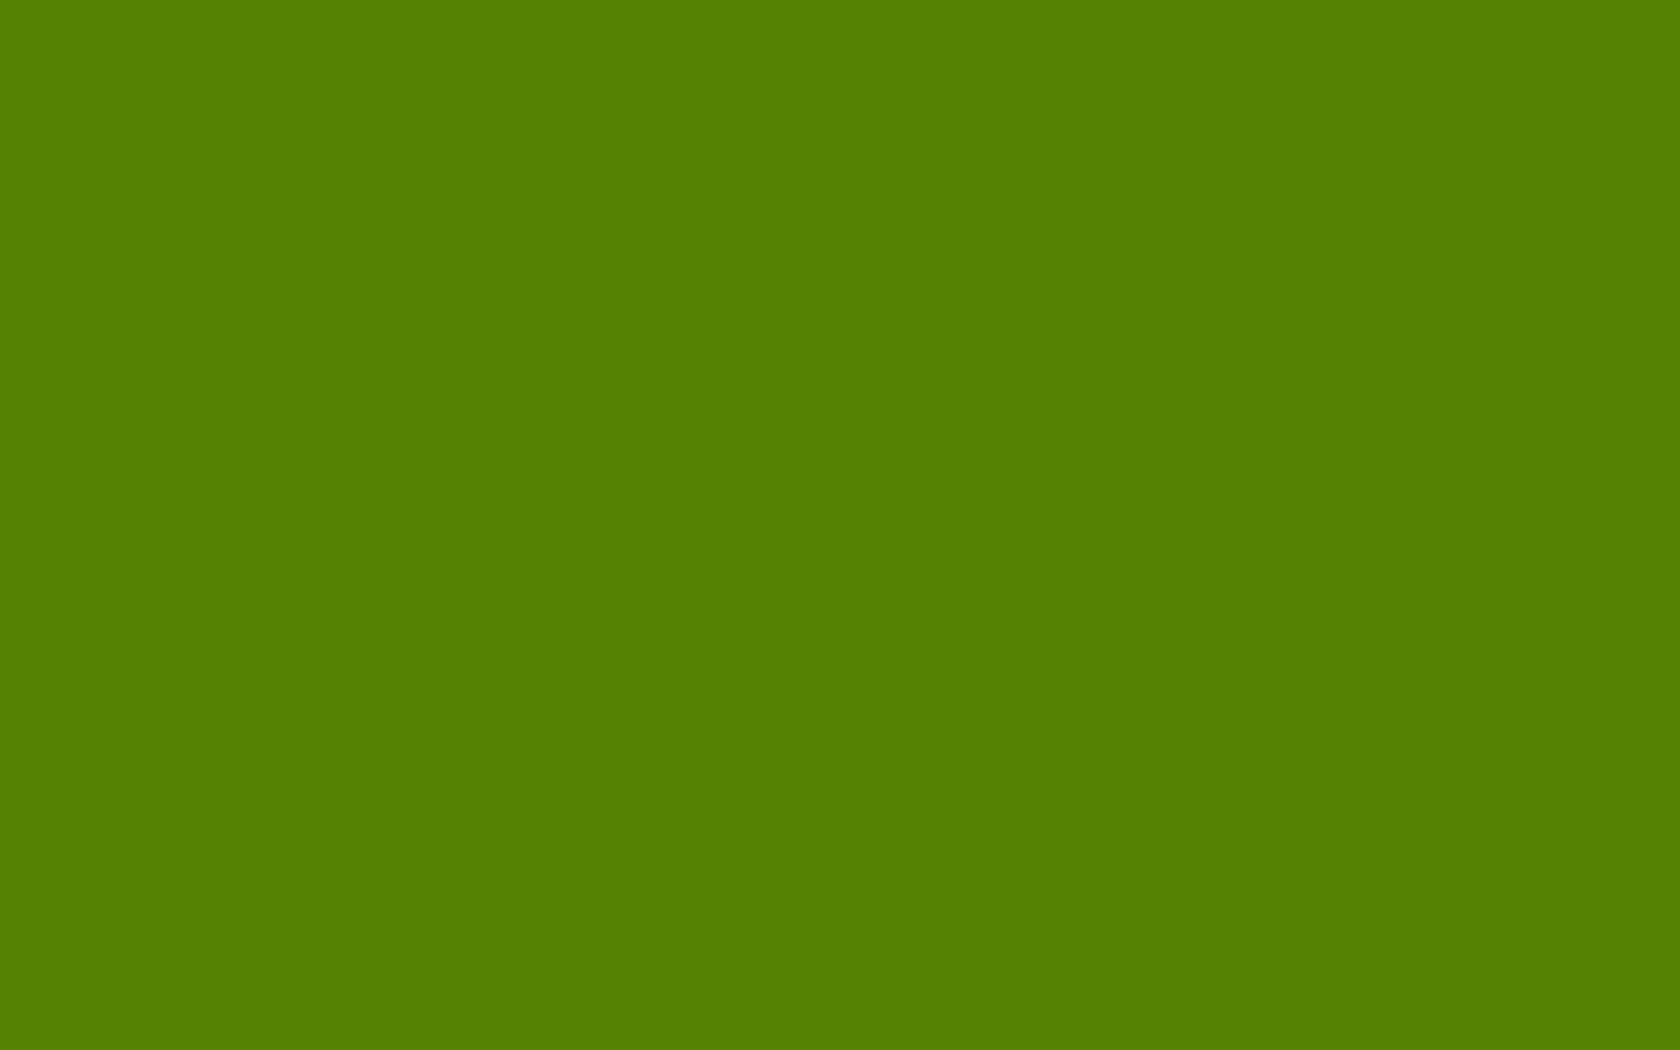 1680x1050 Avocado Solid Color Background